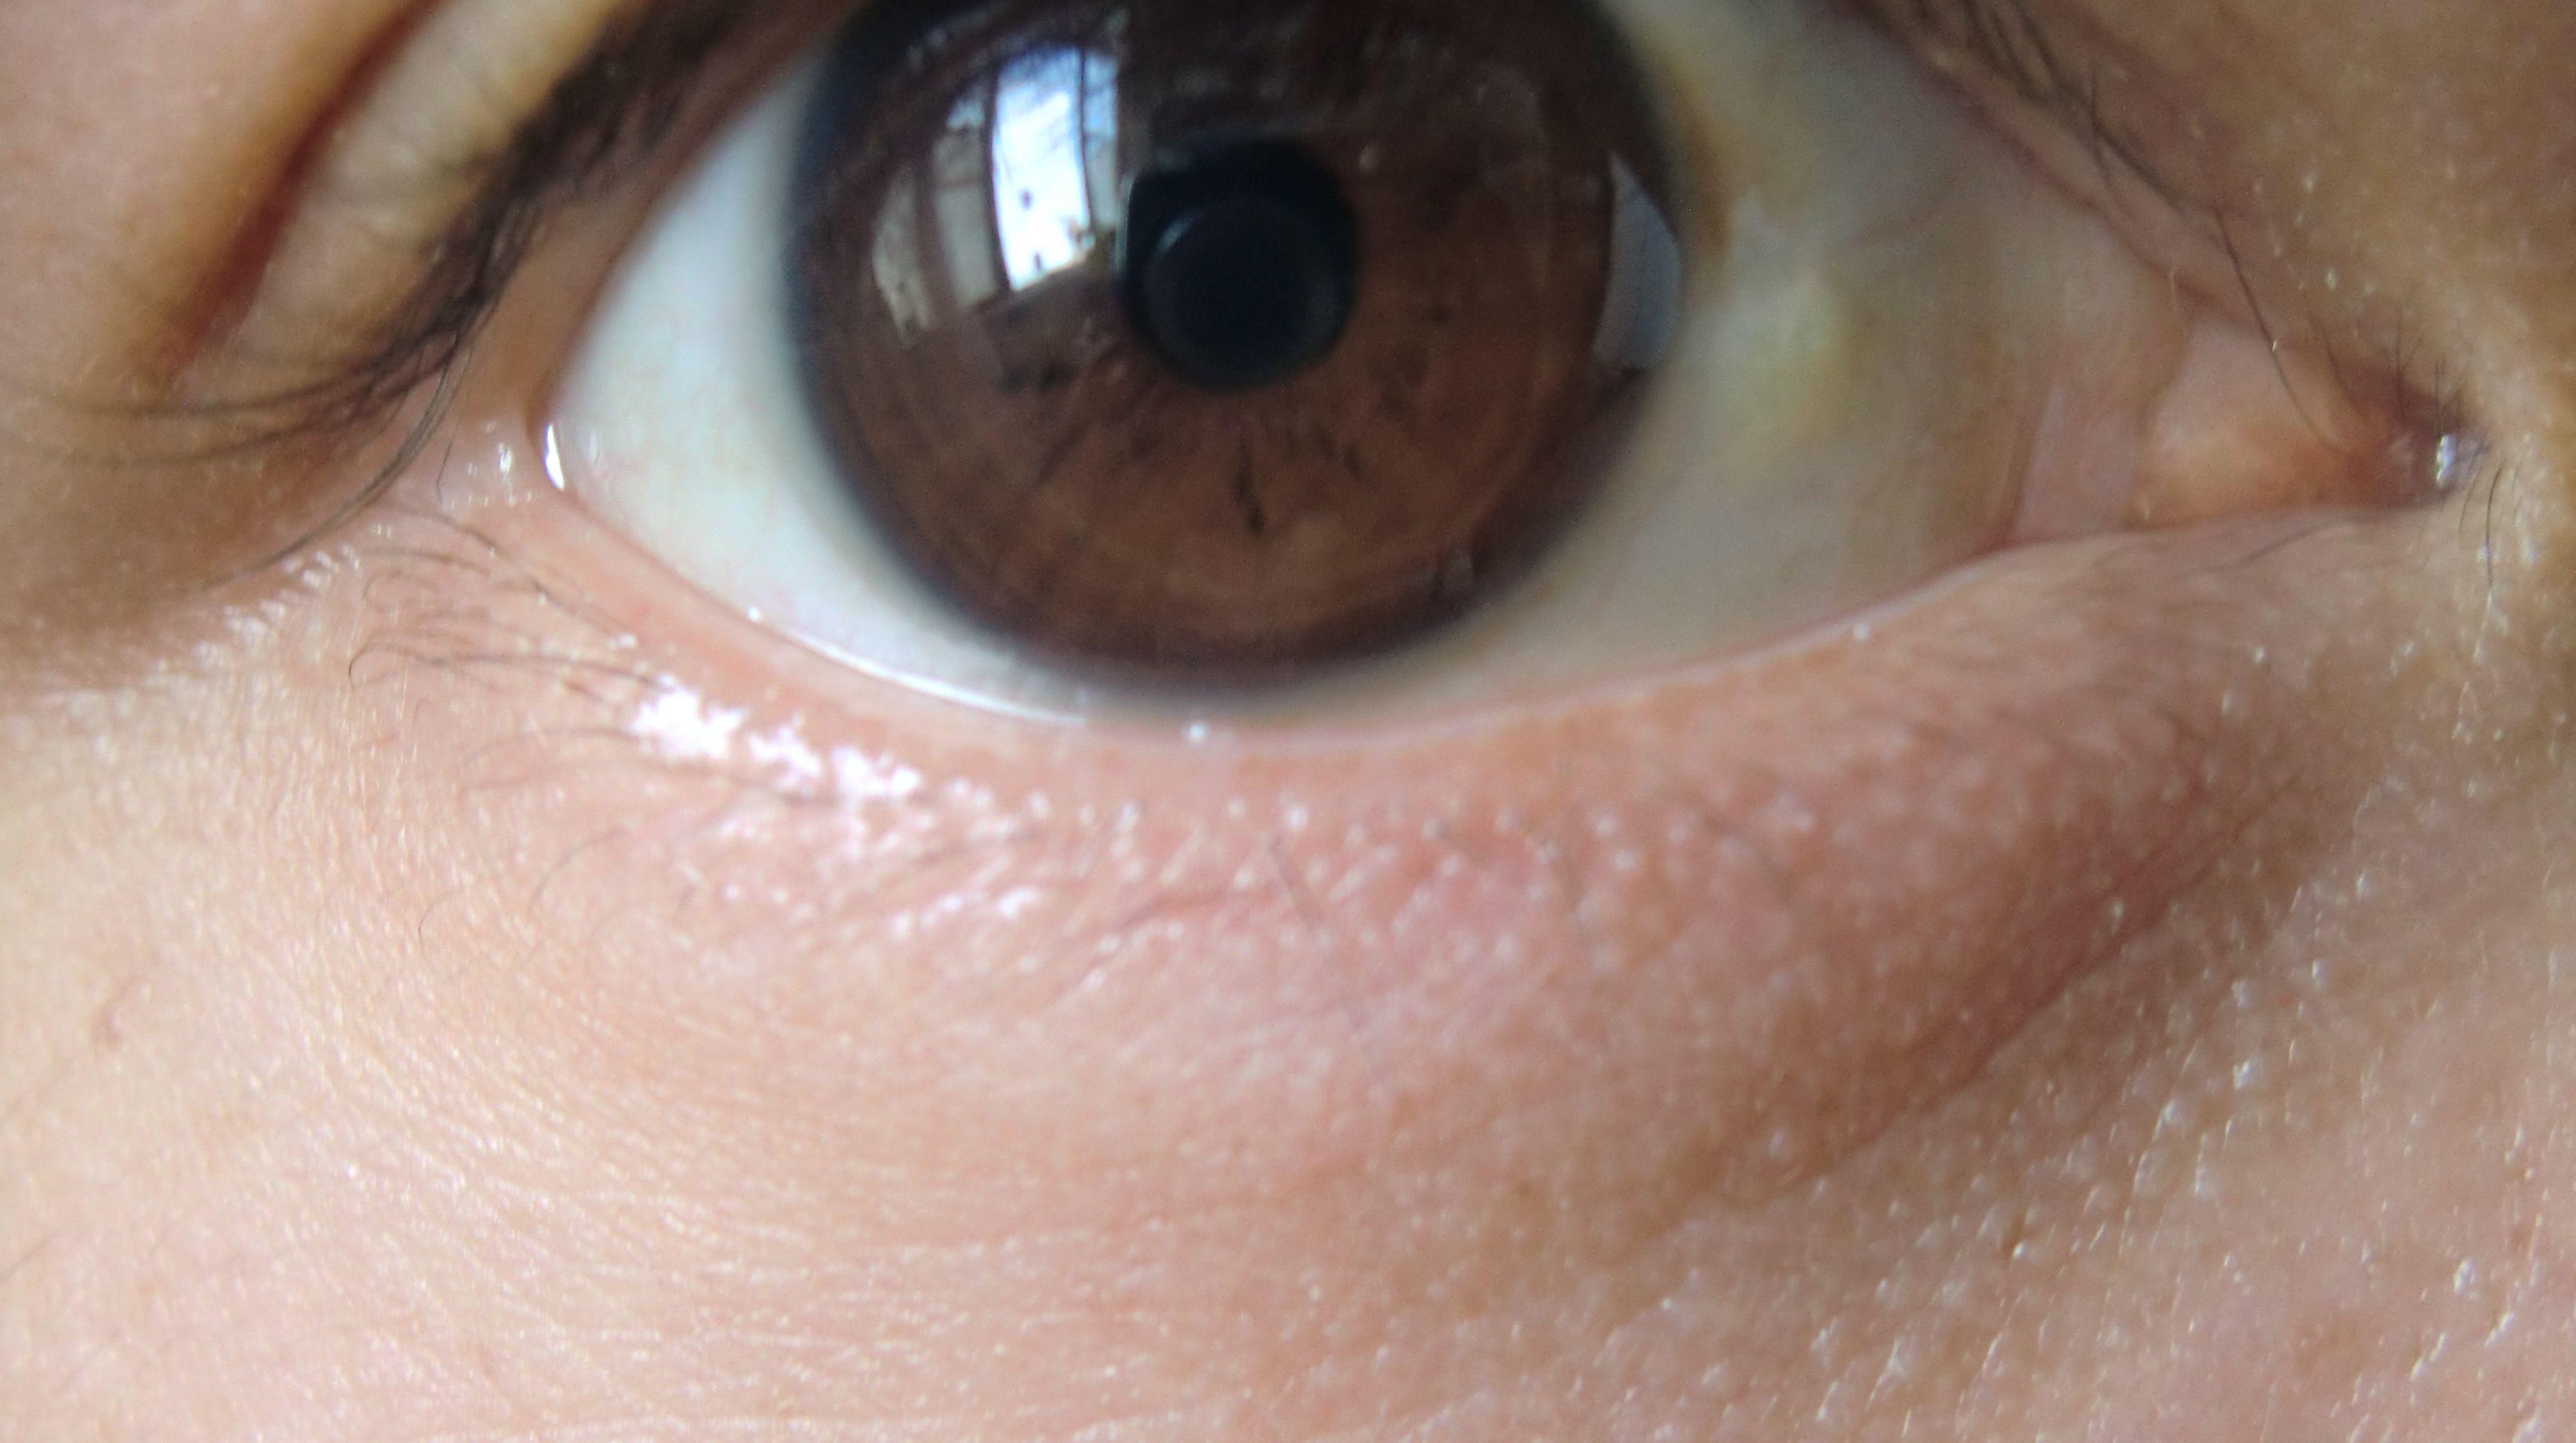 眼球上长了个白色疙瘩_白眼球上有黄斑是什么原因-www.38xf.com-三八女性网;